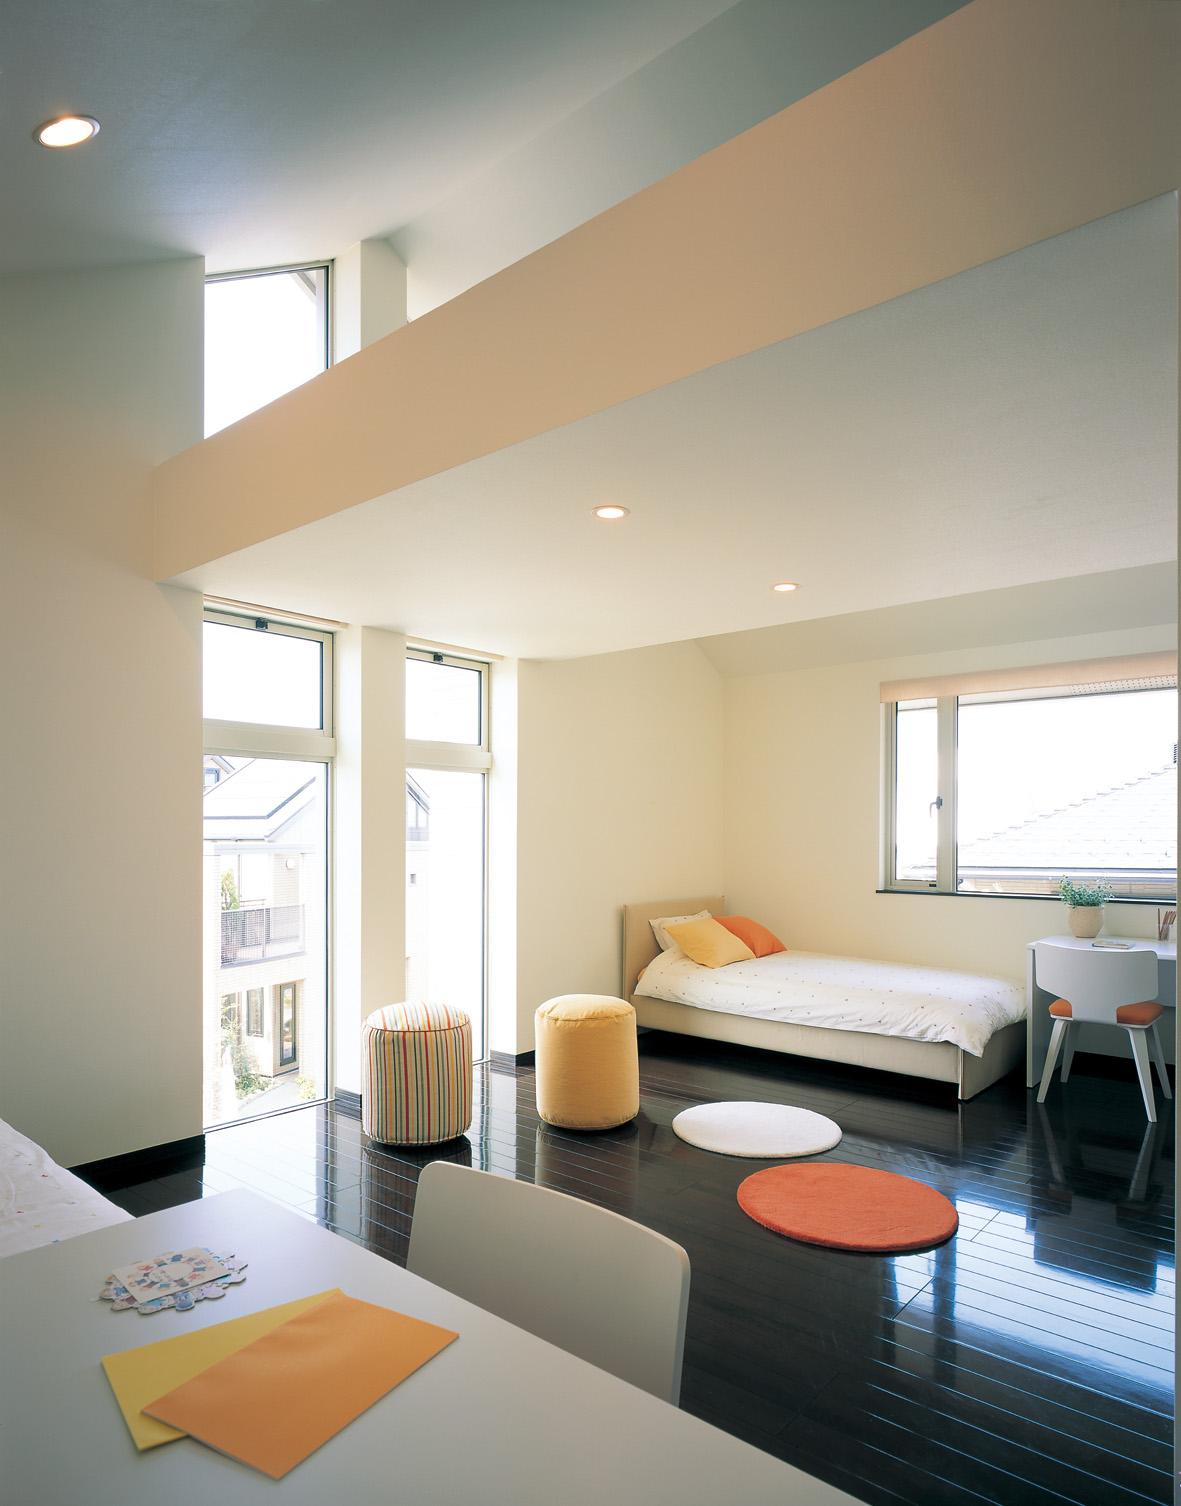 勾配天井を利用したロフトを設け、空間に変化を持たせた子供部屋は、収納もたっぷりなうえ、遊び心もいっぱい。 また、S&I(スケルトン&インフィル)設計で、お子様の成長に合わせて一部屋から二部屋へと間取りの変更が可能です。